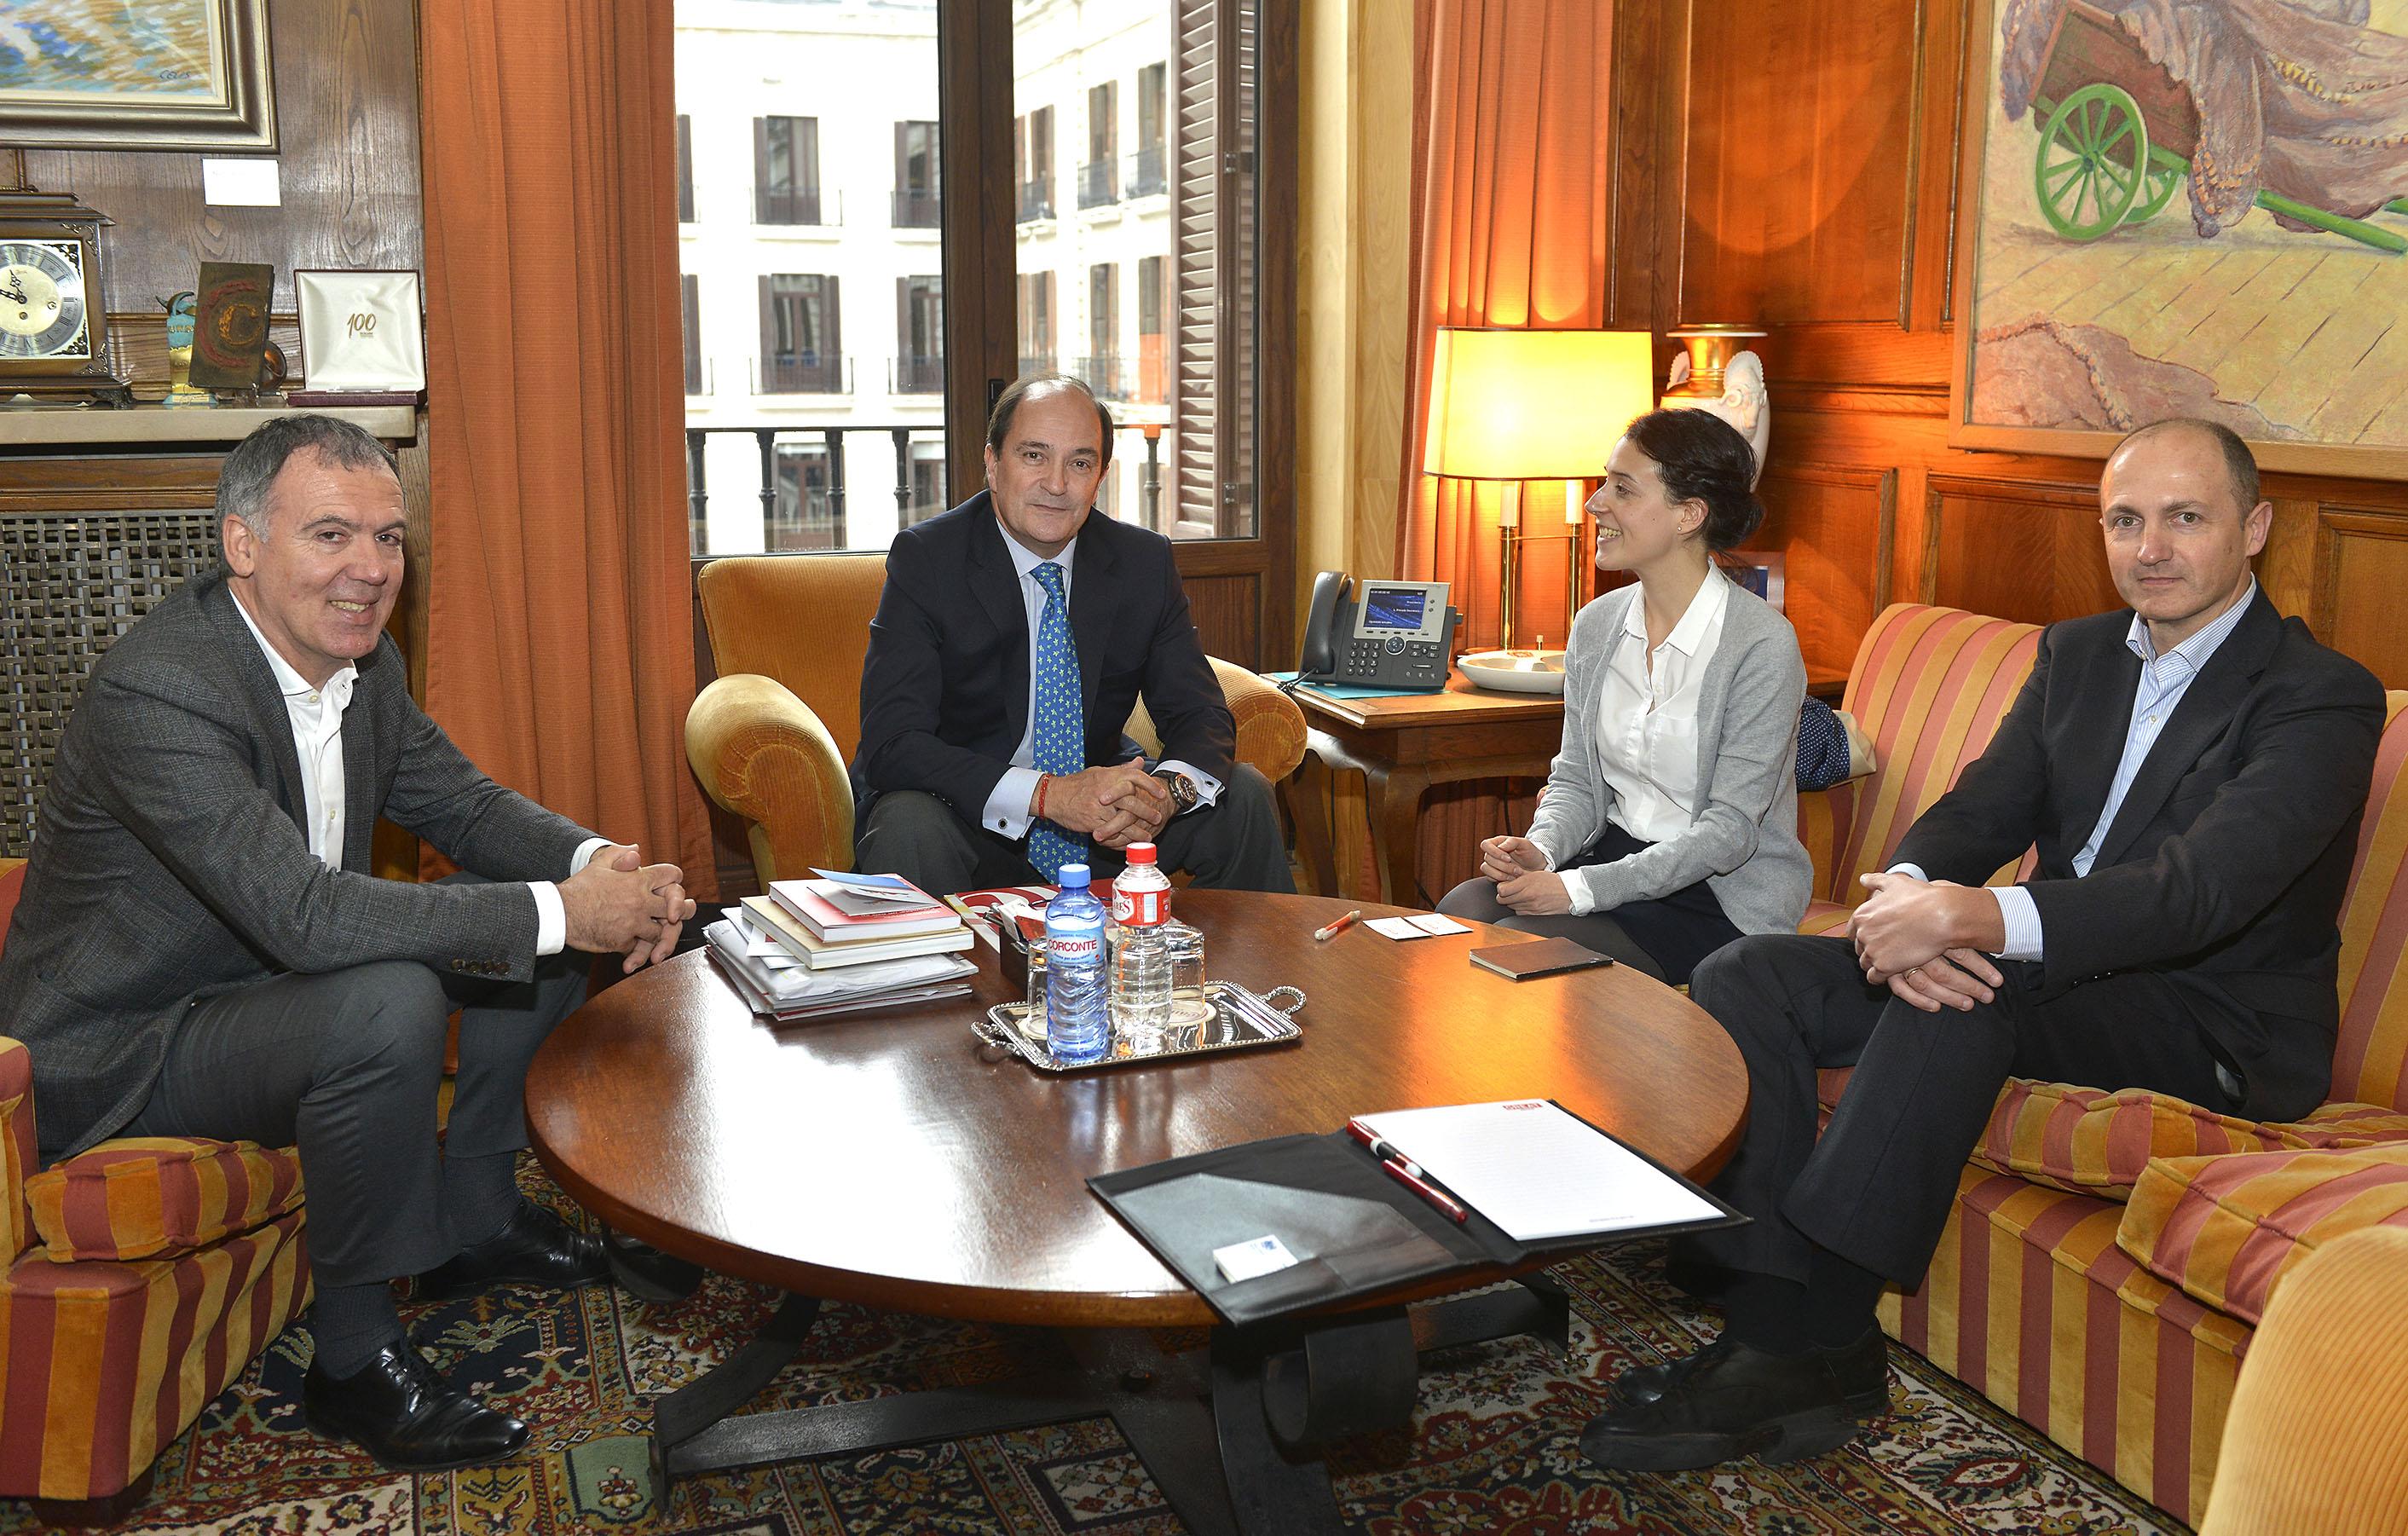 Vidal de la Peña y Piñeiro, en una reunión de trabajo con representantes de la embajada y el cónsul británico